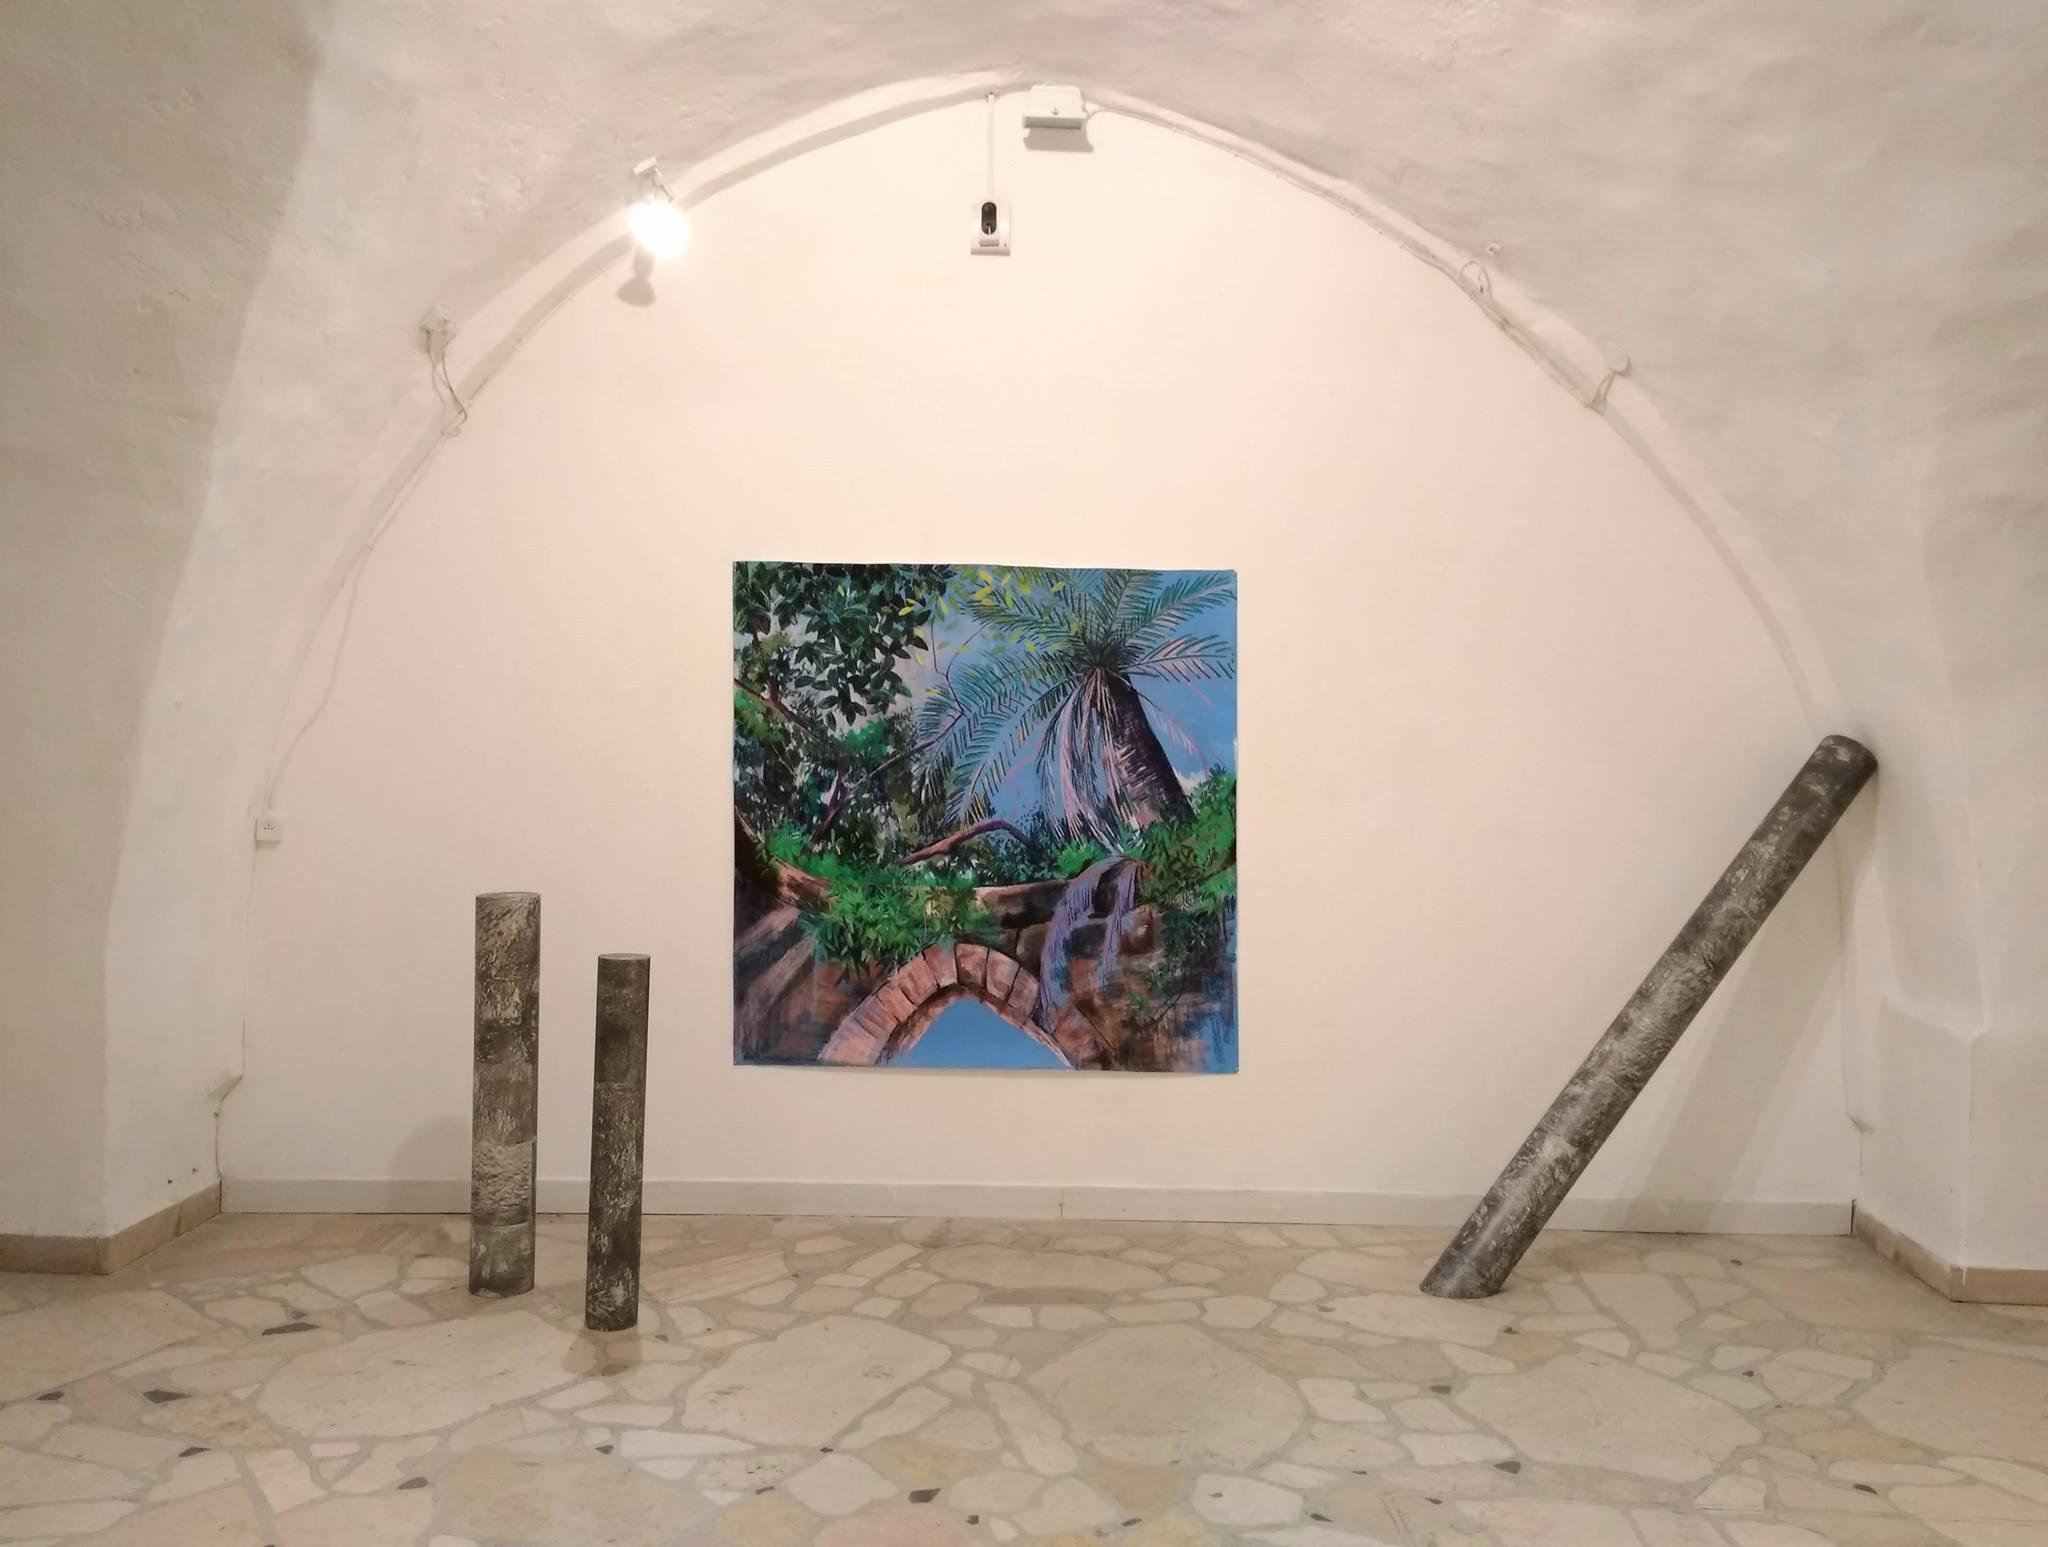 מתוך התערוכה חצר אחרוית. צילום זוהר רון